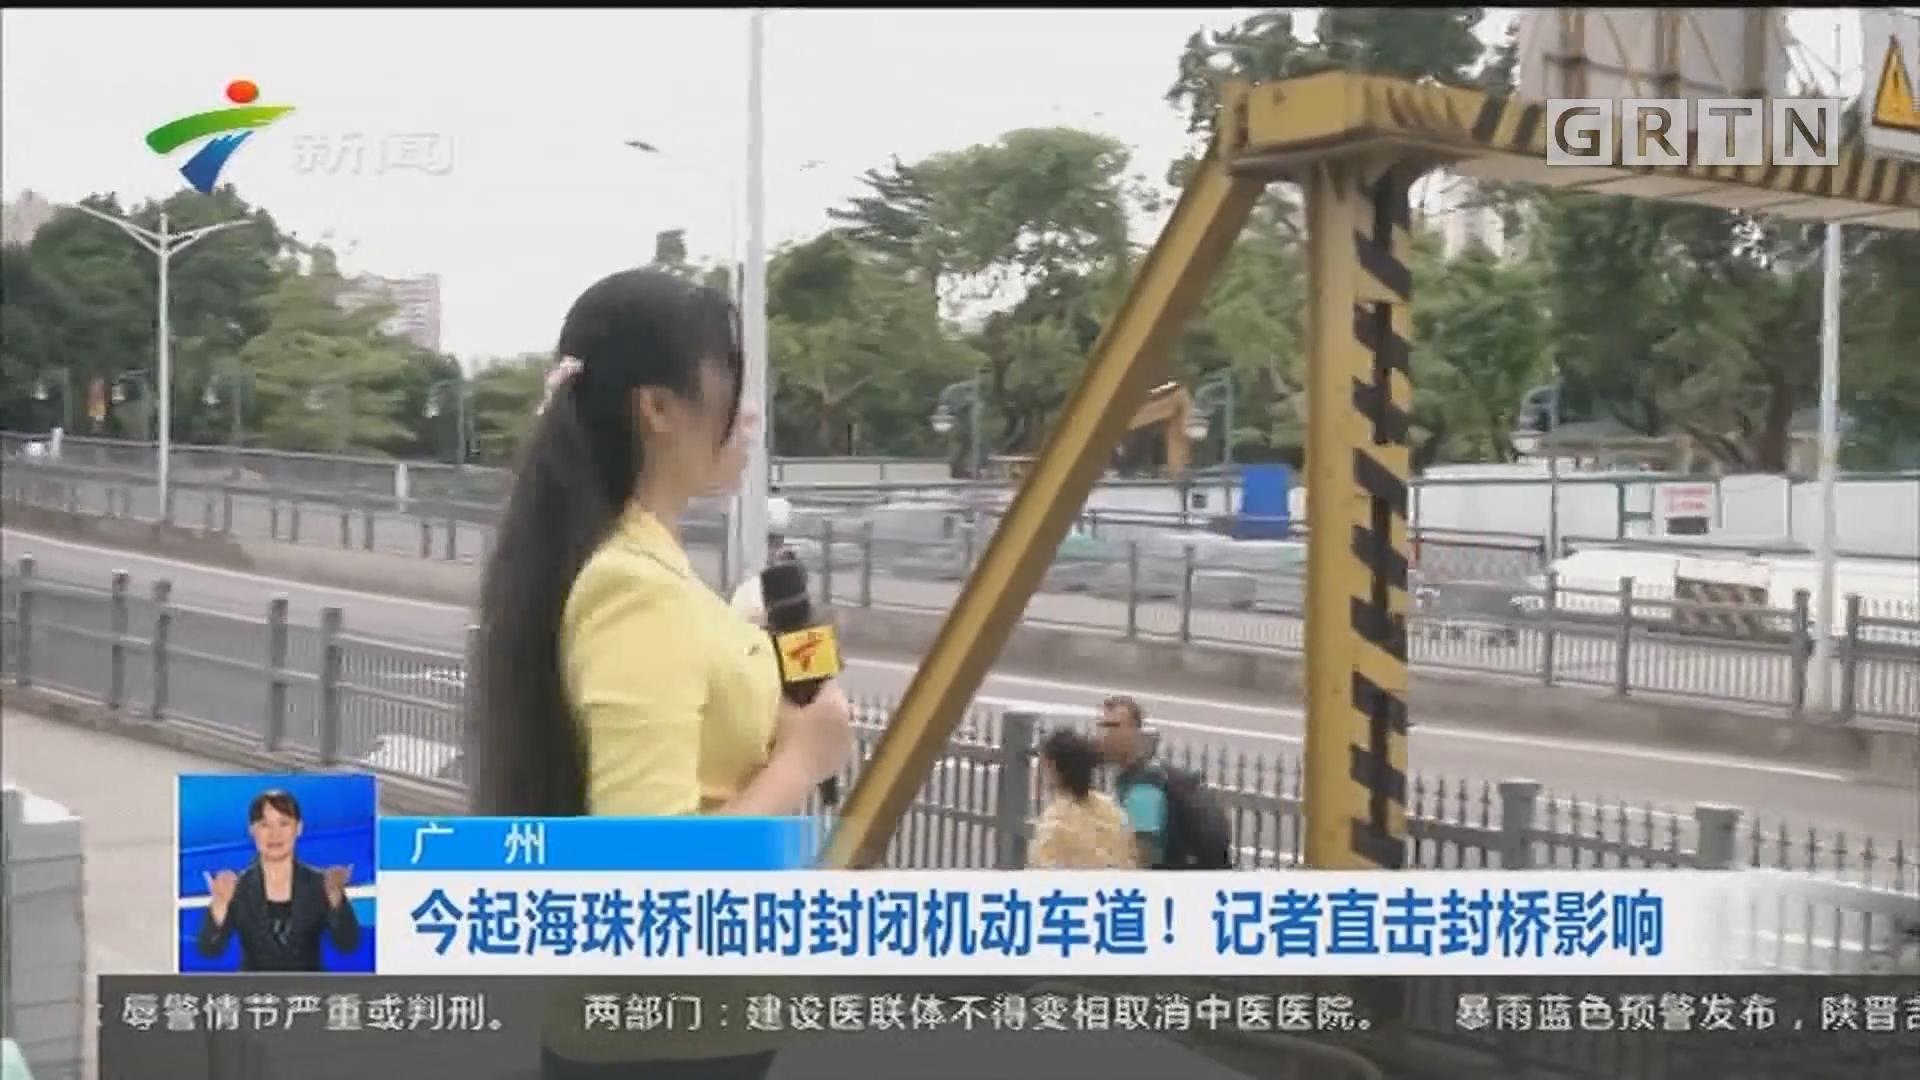 广州:今起海珠桥临时封闭机动车道!记者直击封桥影响